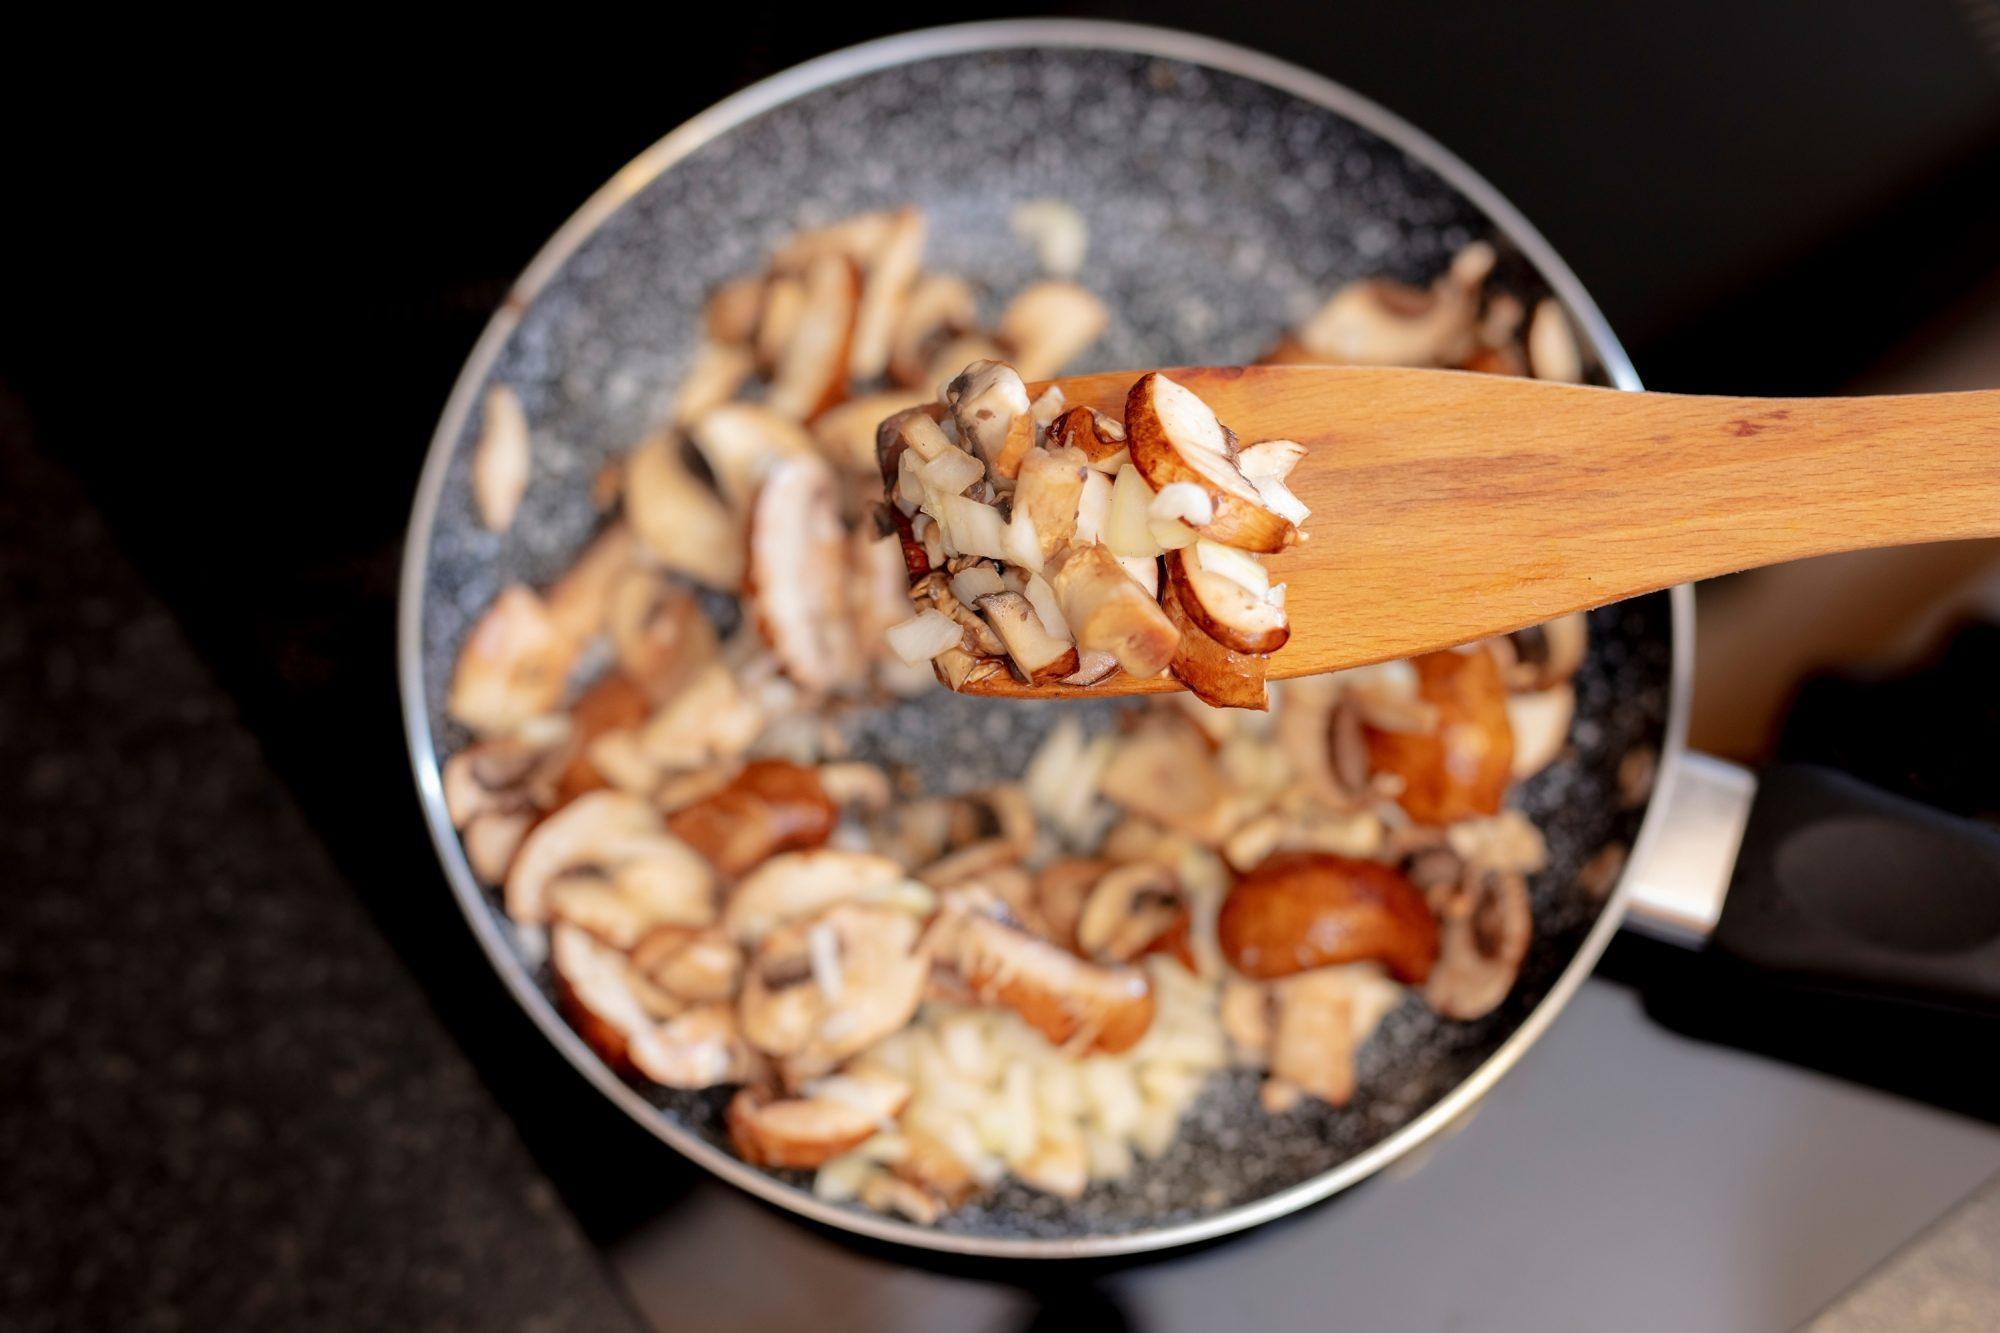 Những sai lầm khi nấu khiến món nấm mất ngon, người đảm đang mấy cũng dễ mắc - 1